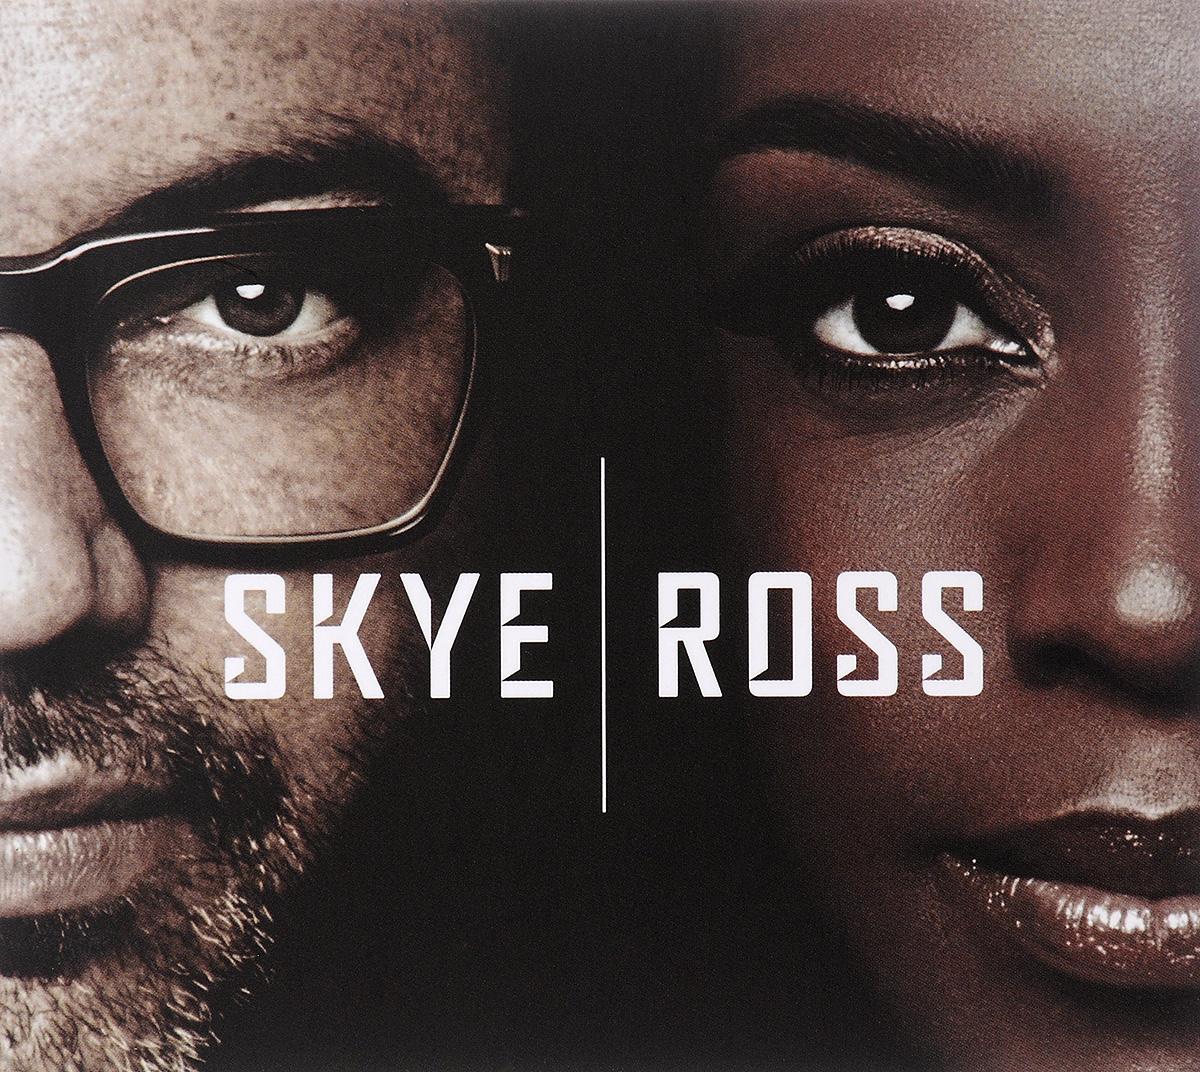 Skye,Ross Skye, Ross. Skye & Ross